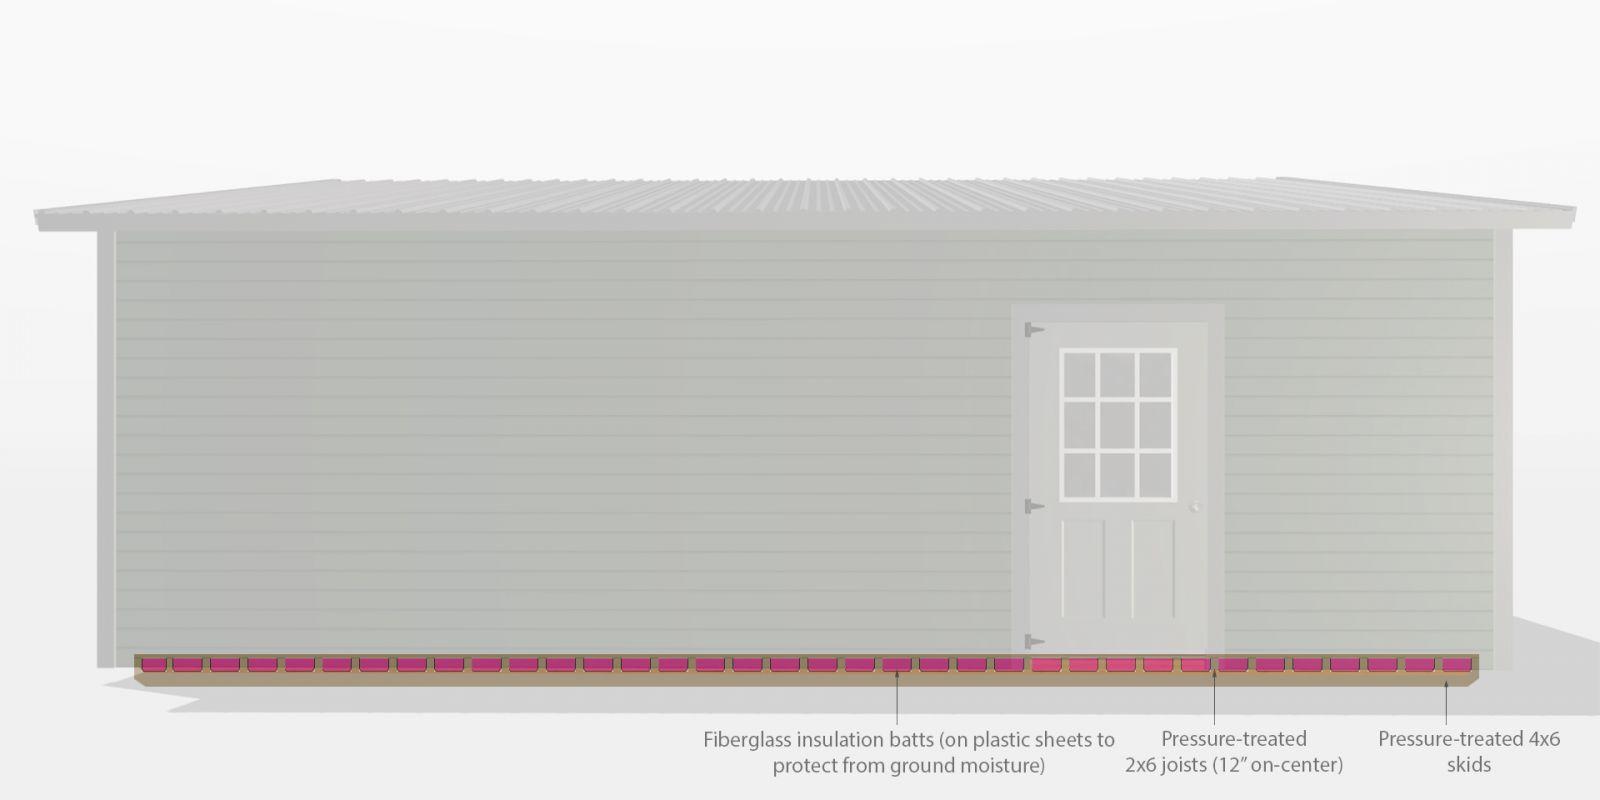 prefab detached garage insulation diagram